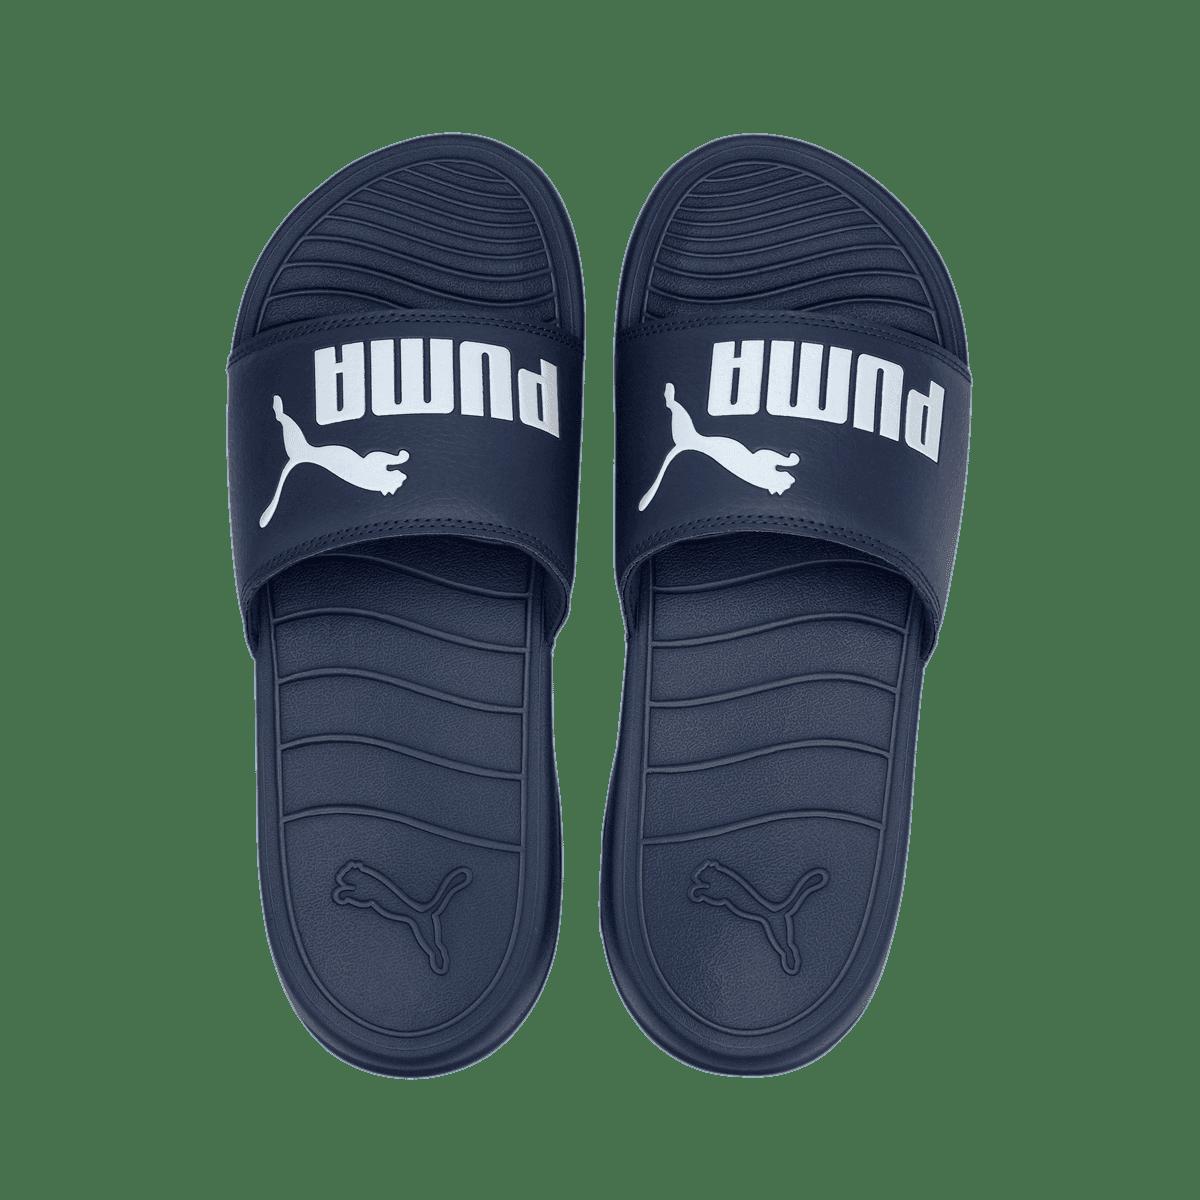 Sandales de plage Puma Popcat 20 bleu foncé / blanc